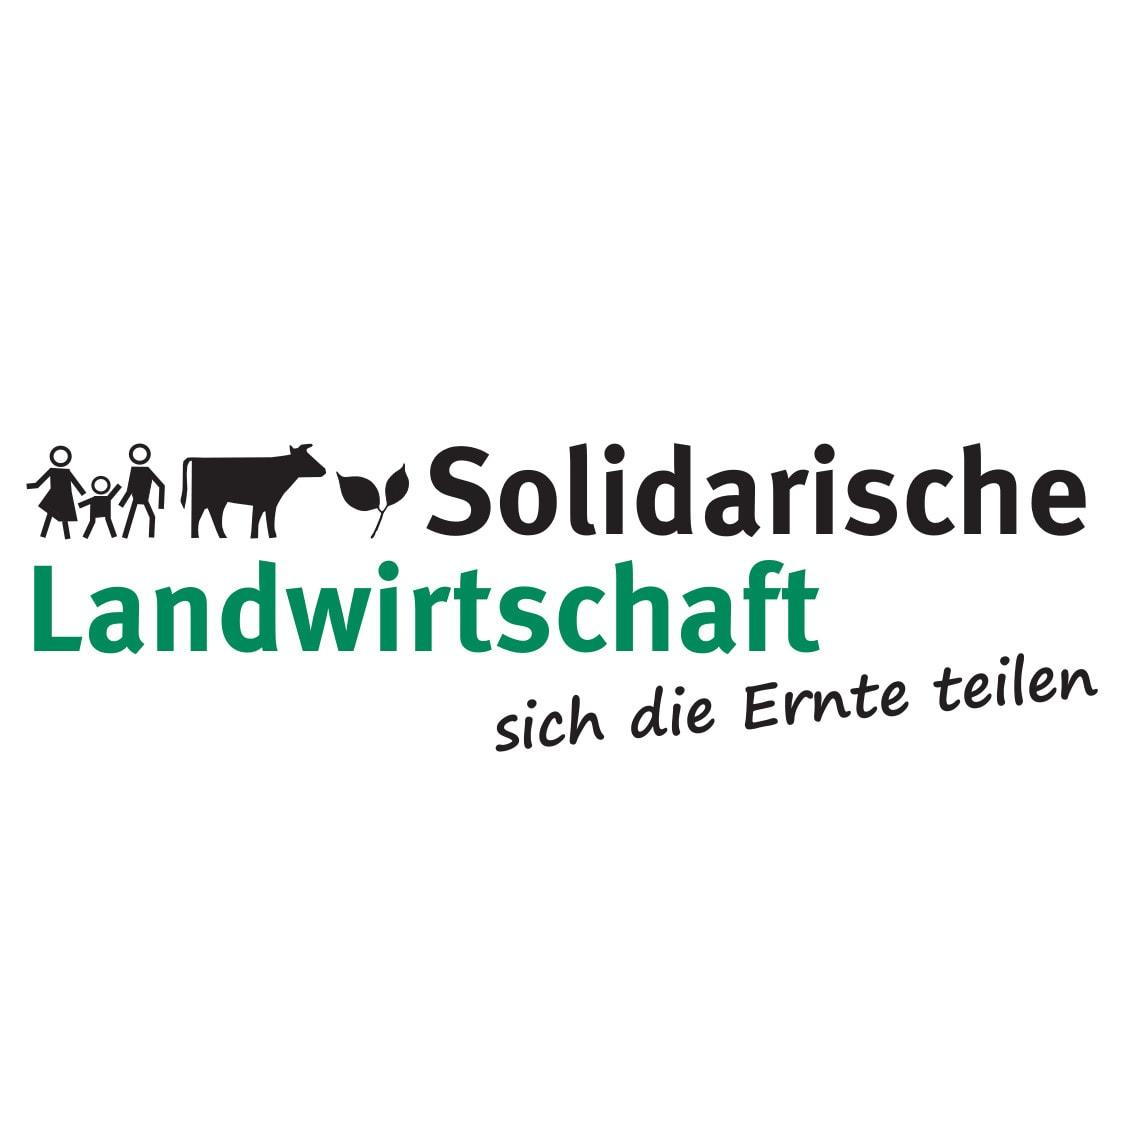 Netzwerk Solidarische Landwirtschaft Logo